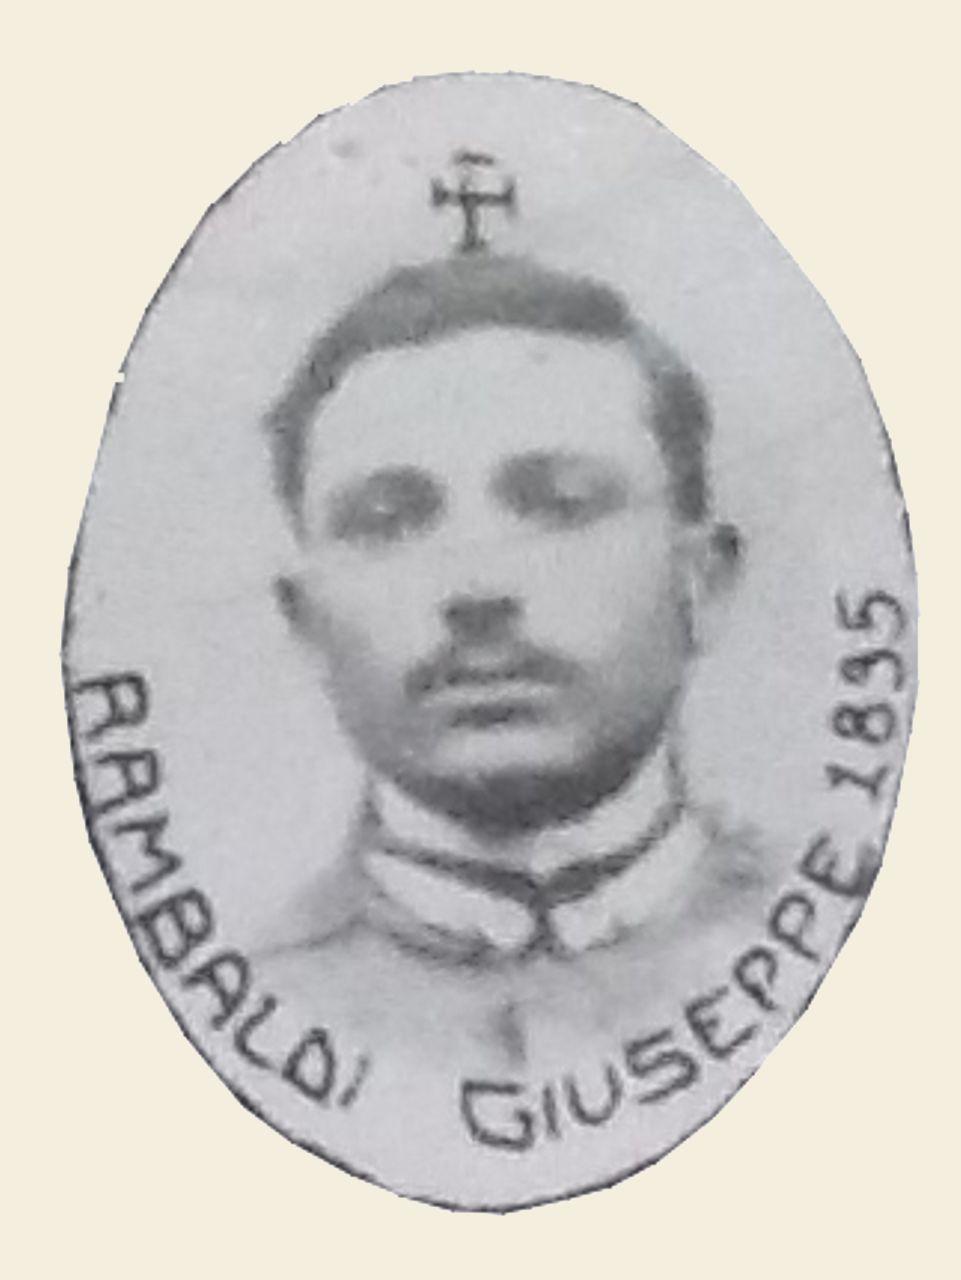 Rambaldi Giuseppe